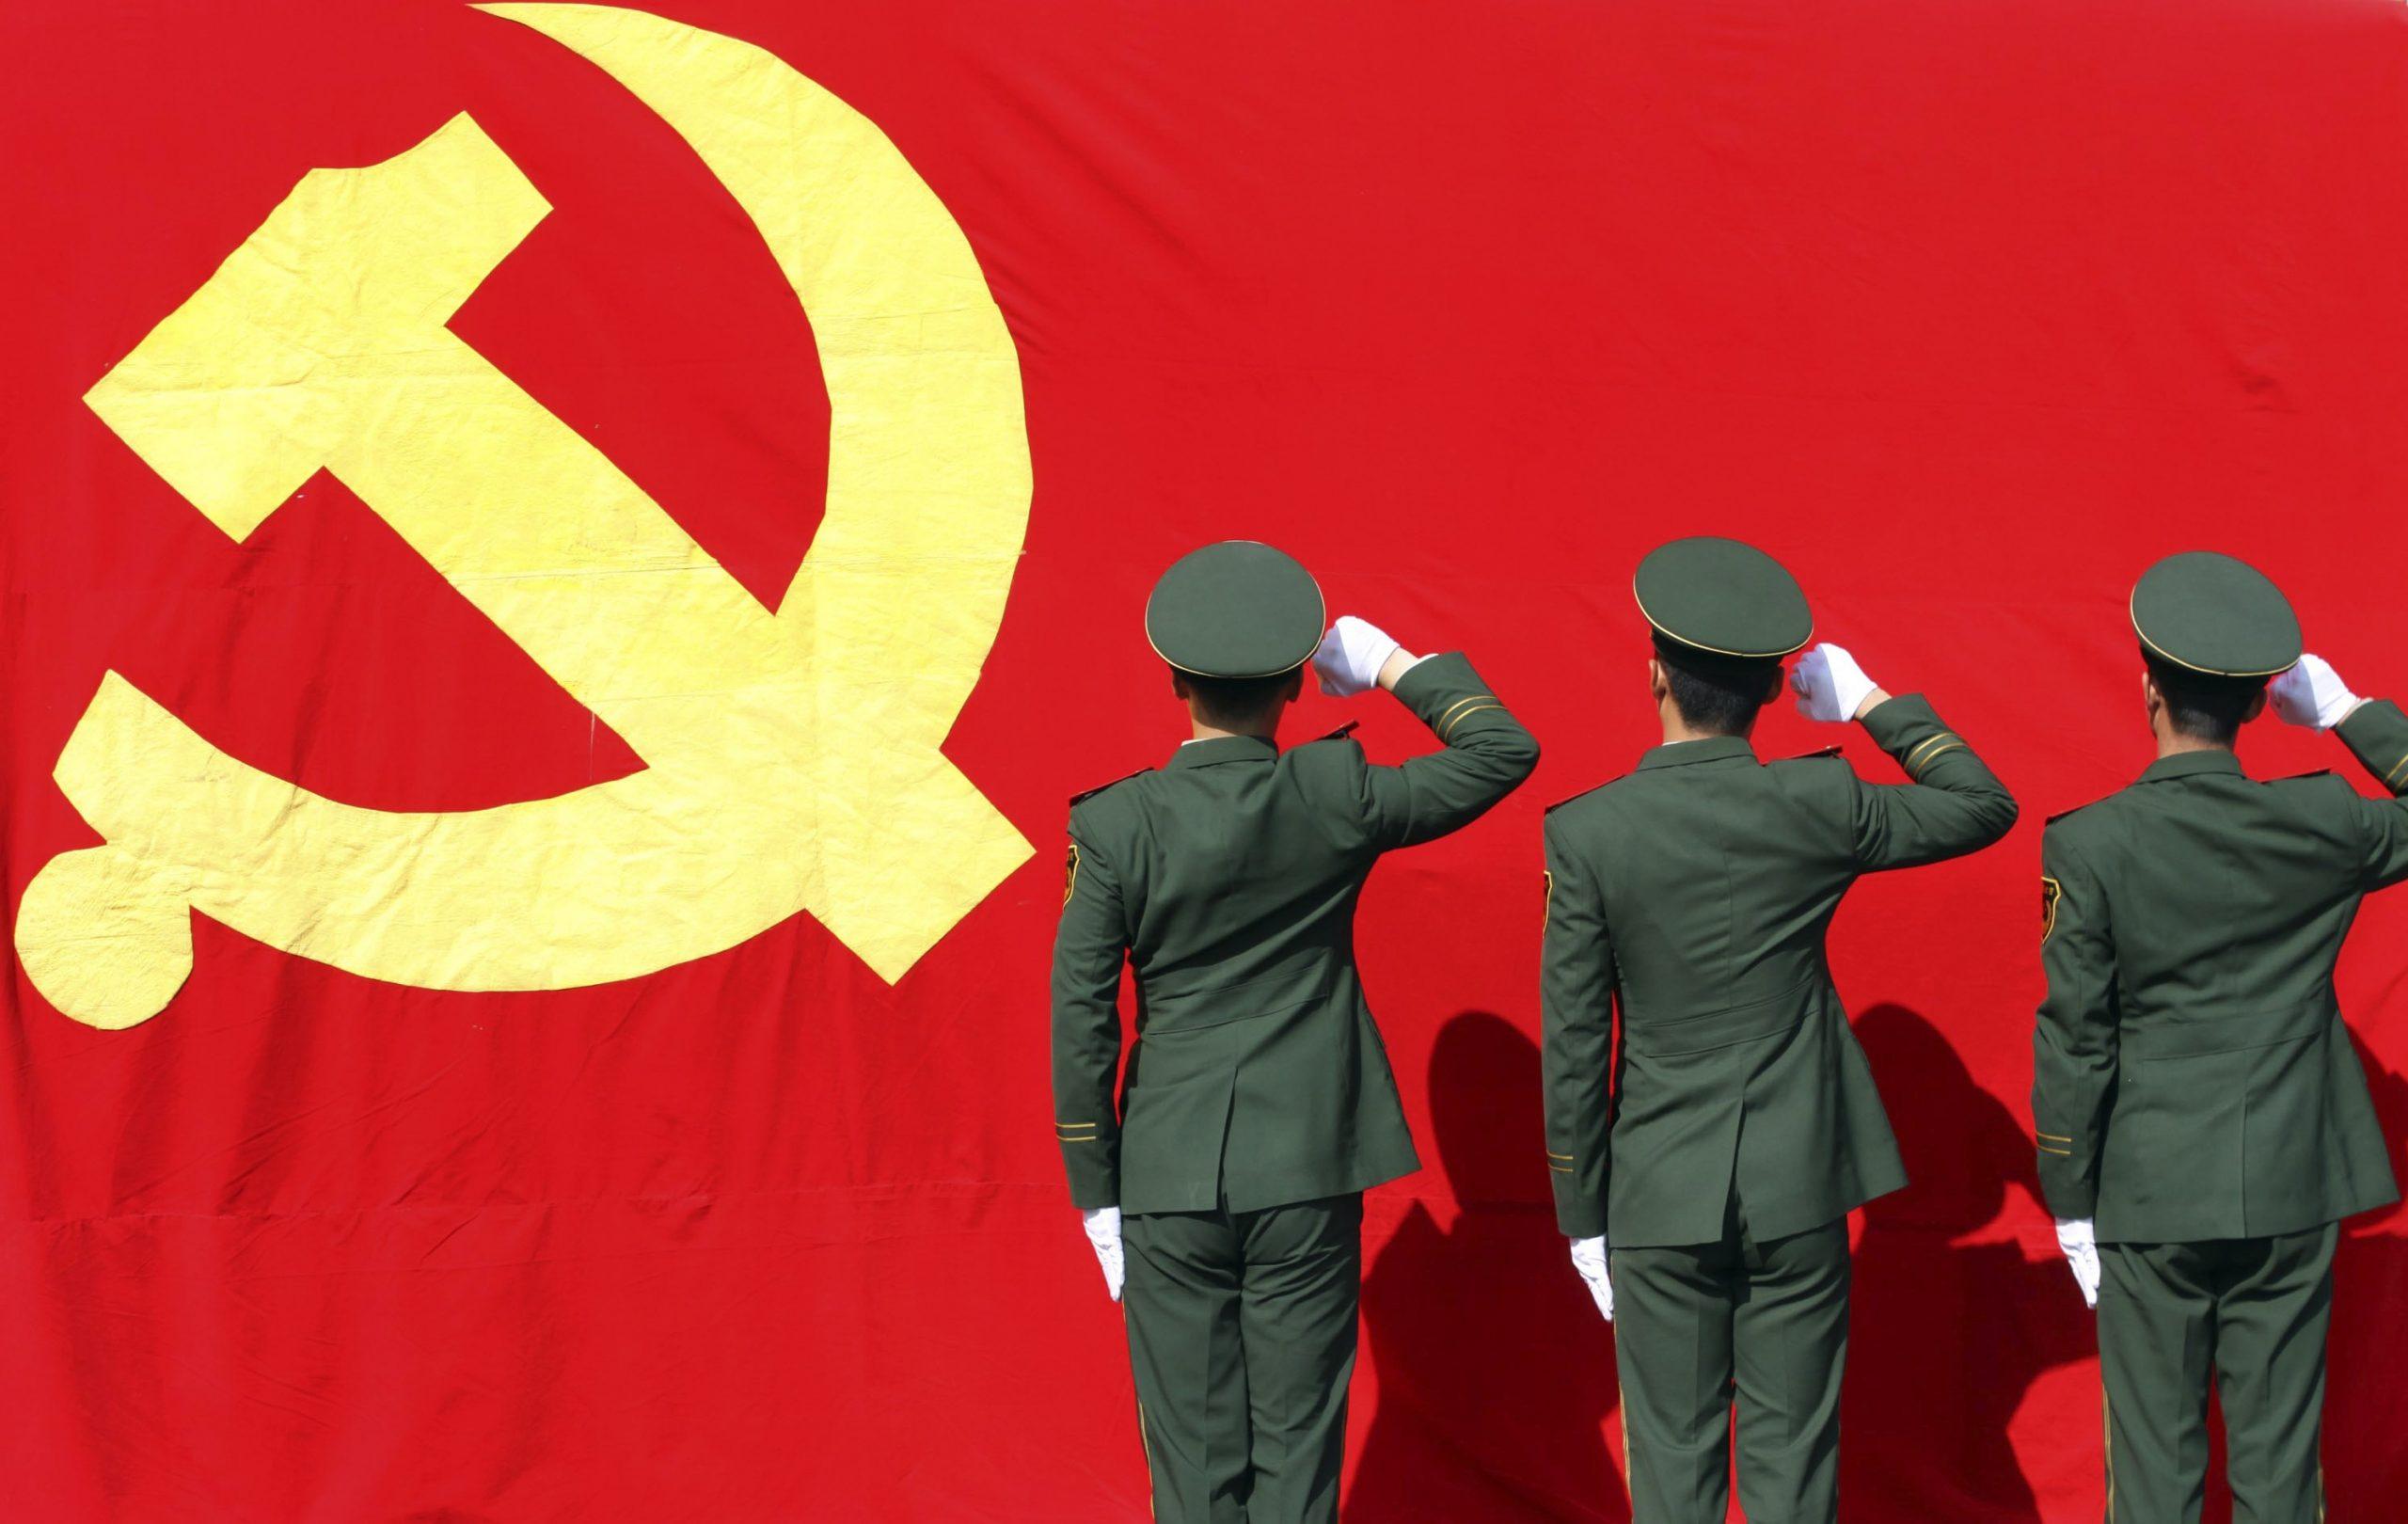 КИТАЙСКАЯ ГРАМОТА: европейцы изучают кейсы китайских компаний. Зачем им это надо?